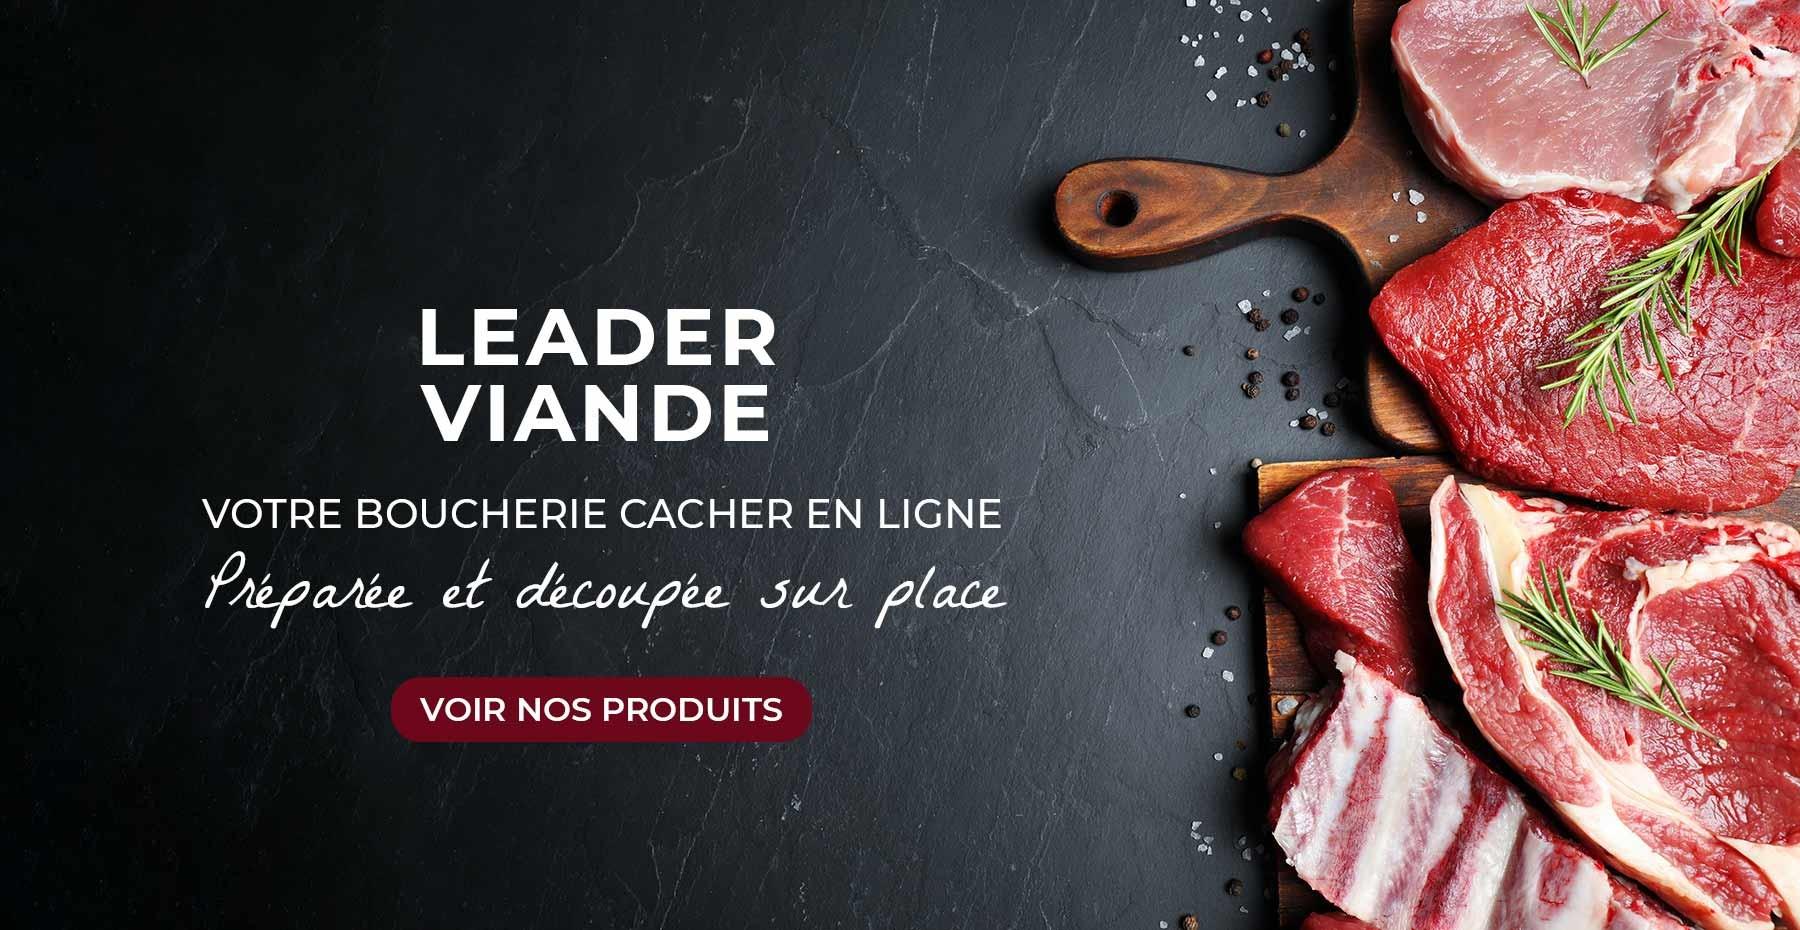 viandes casher origine france vente en ligne leader viande